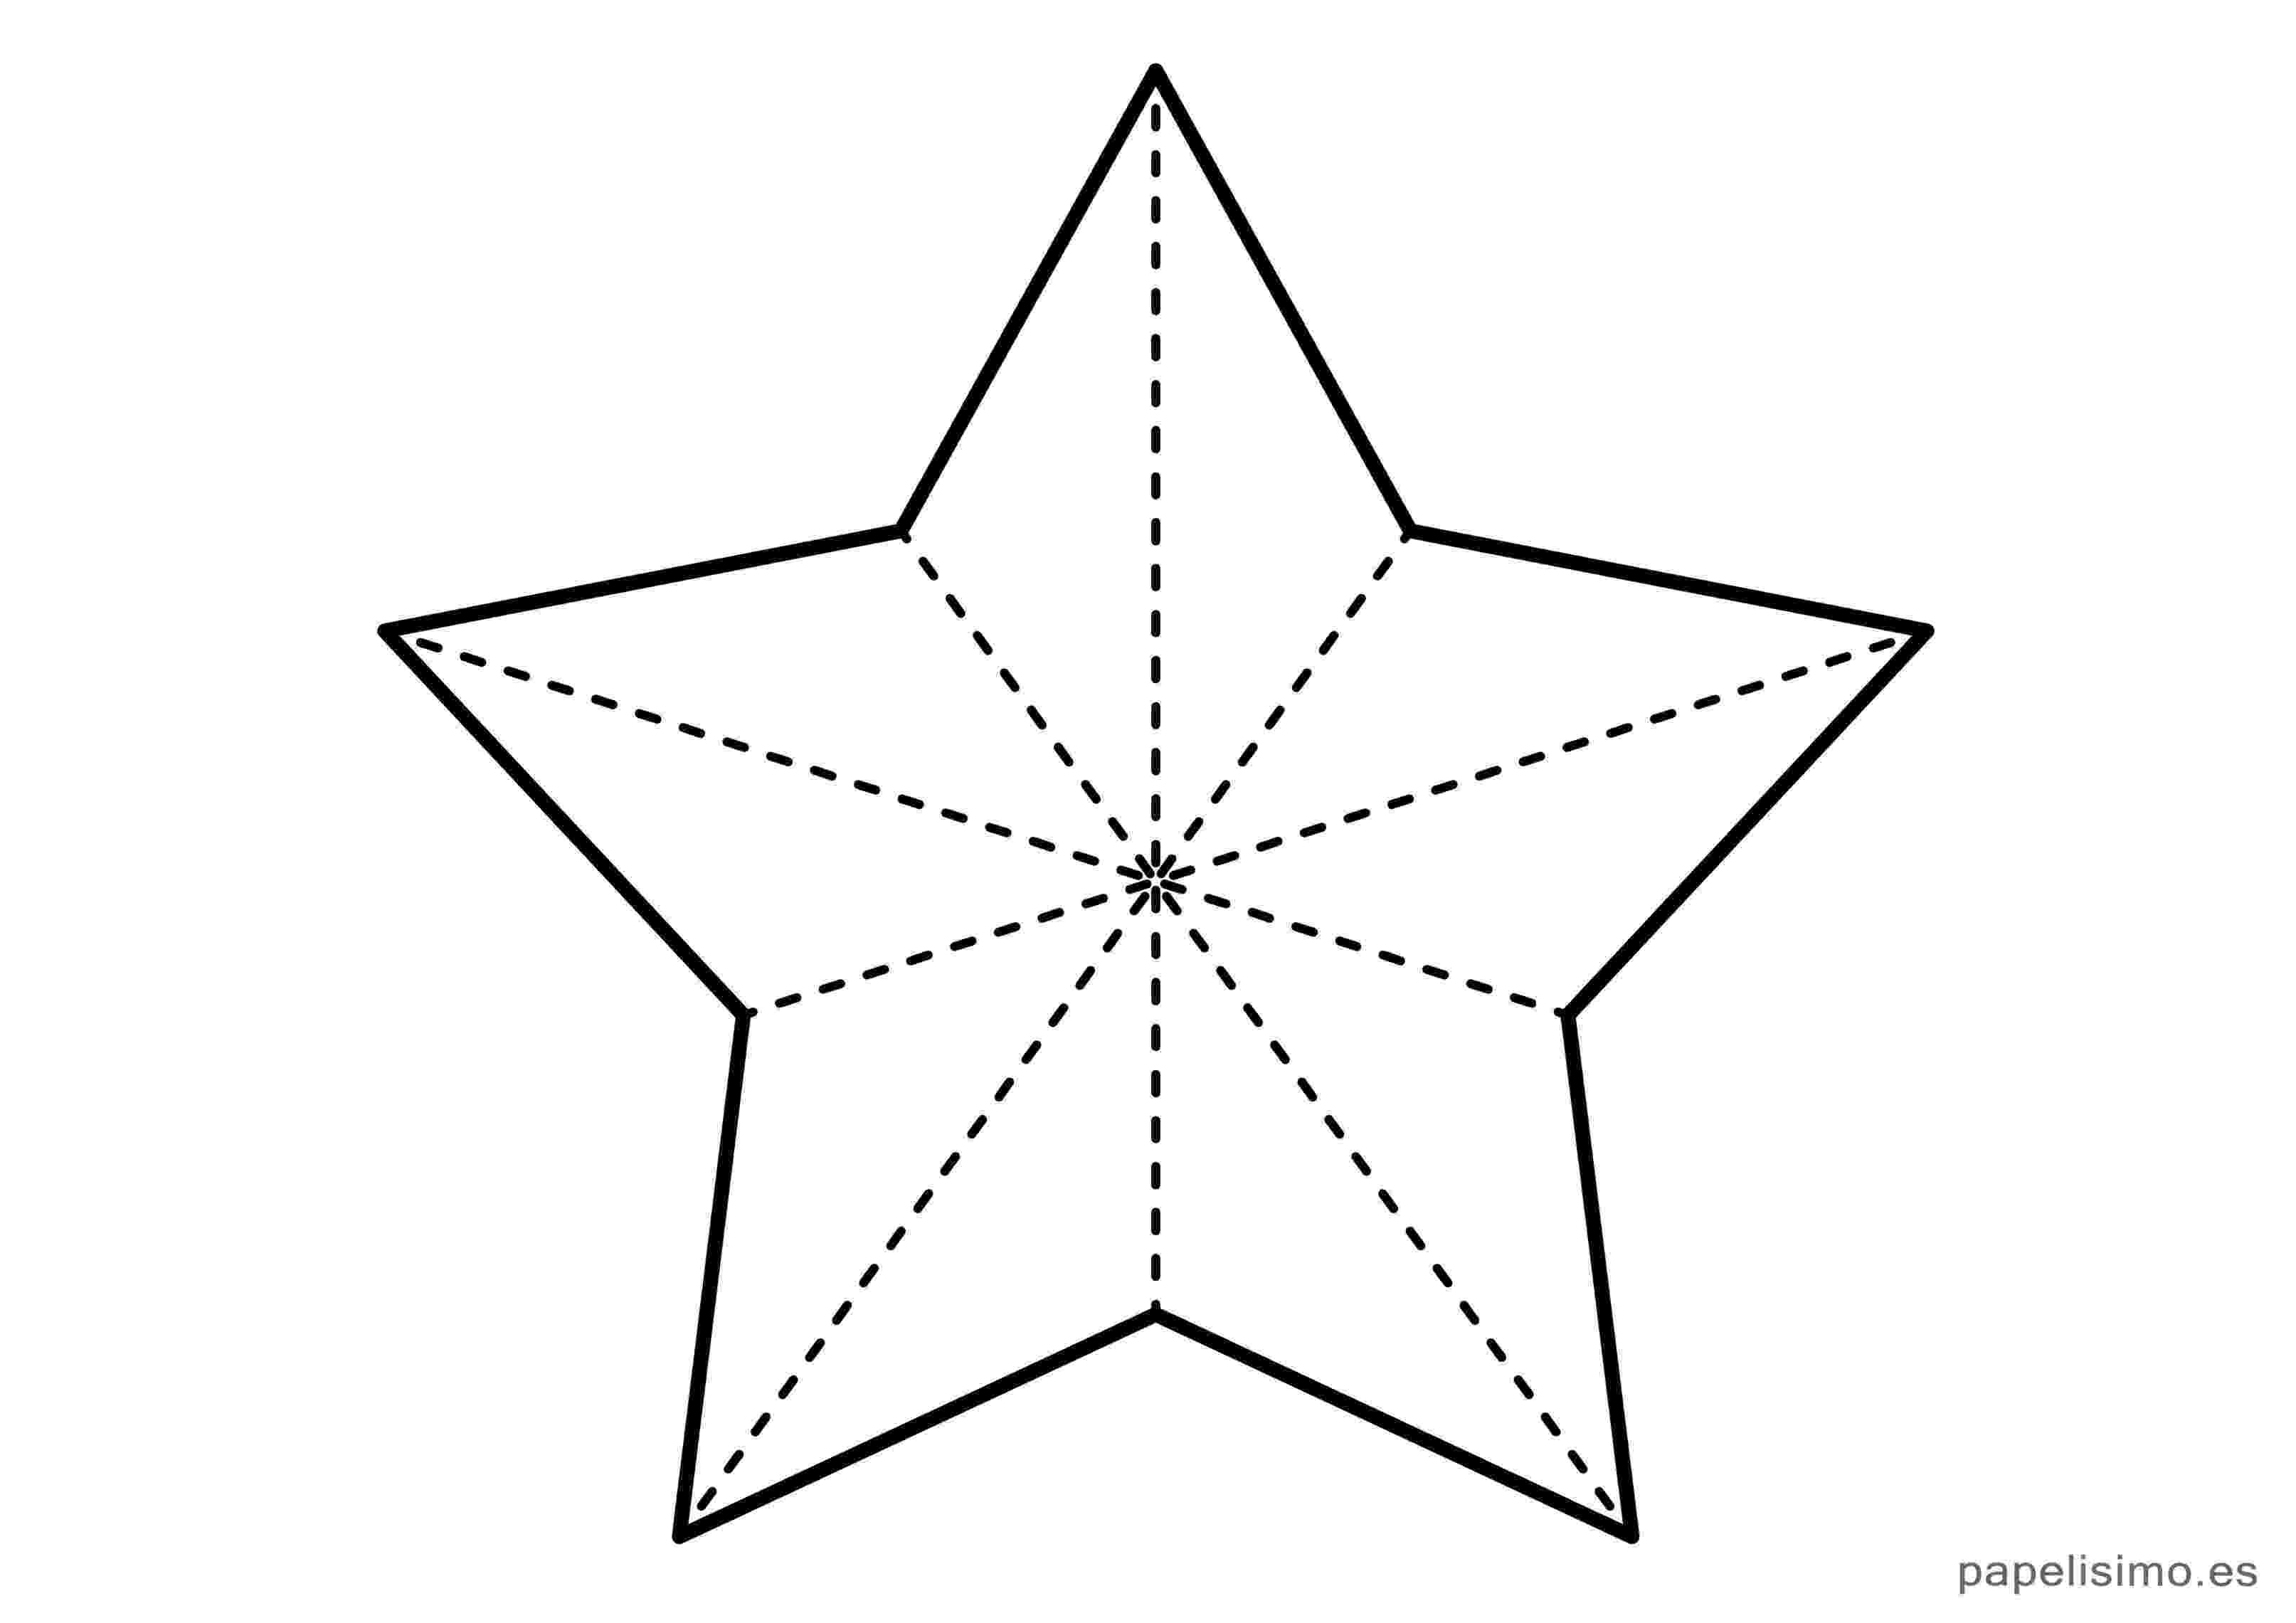 dibujos de estrellas de cinco puntas para imprimir la casa de chichi manualidades navideñas en fommi goma estrellas imprimir de para dibujos puntas de cinco